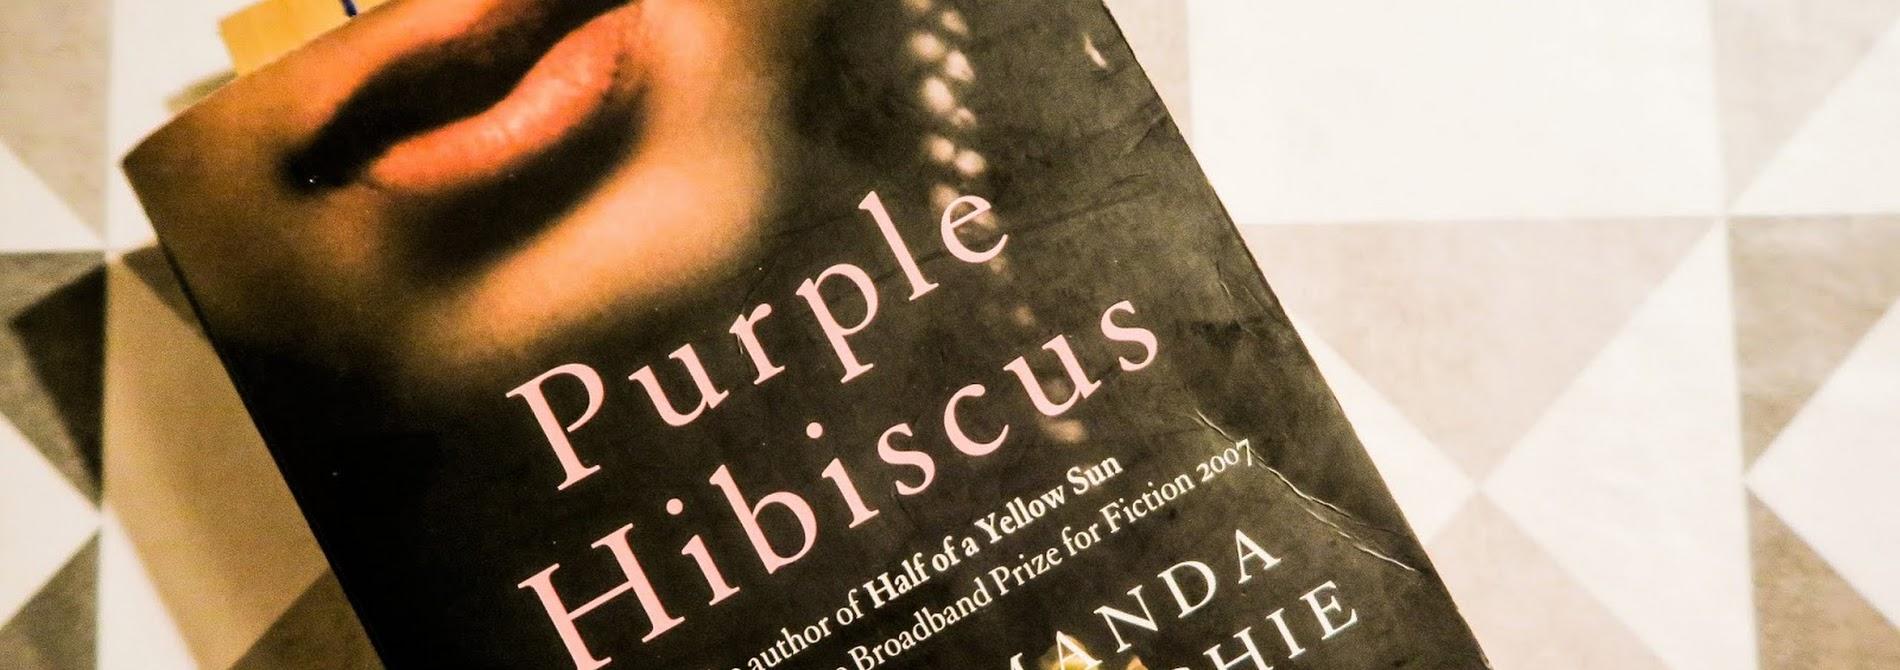 Purple Hibiscus Book Review Liquid Grain